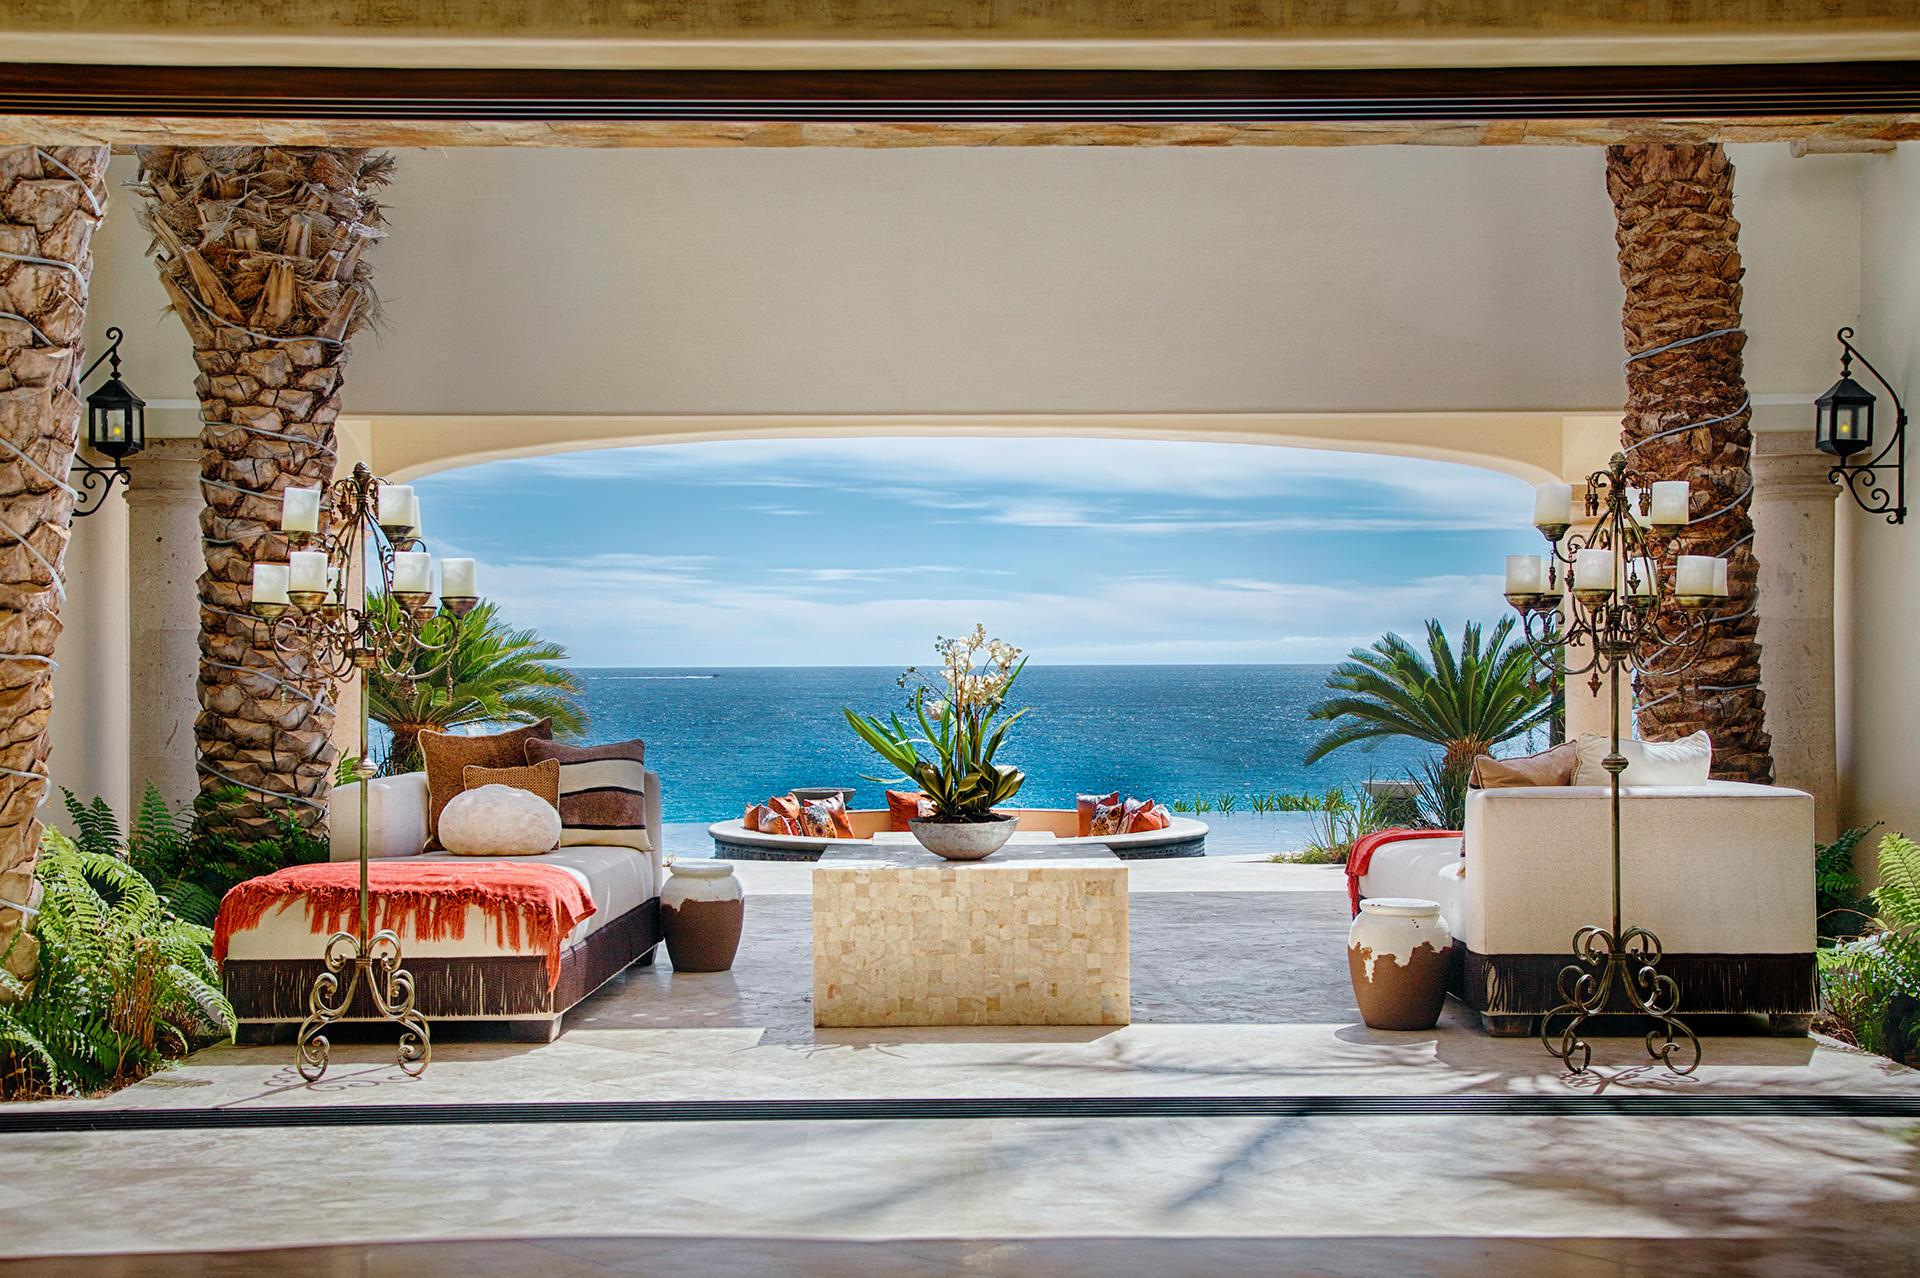 El Encanto, Casa Sandcastle #18, San Jose del Cabo